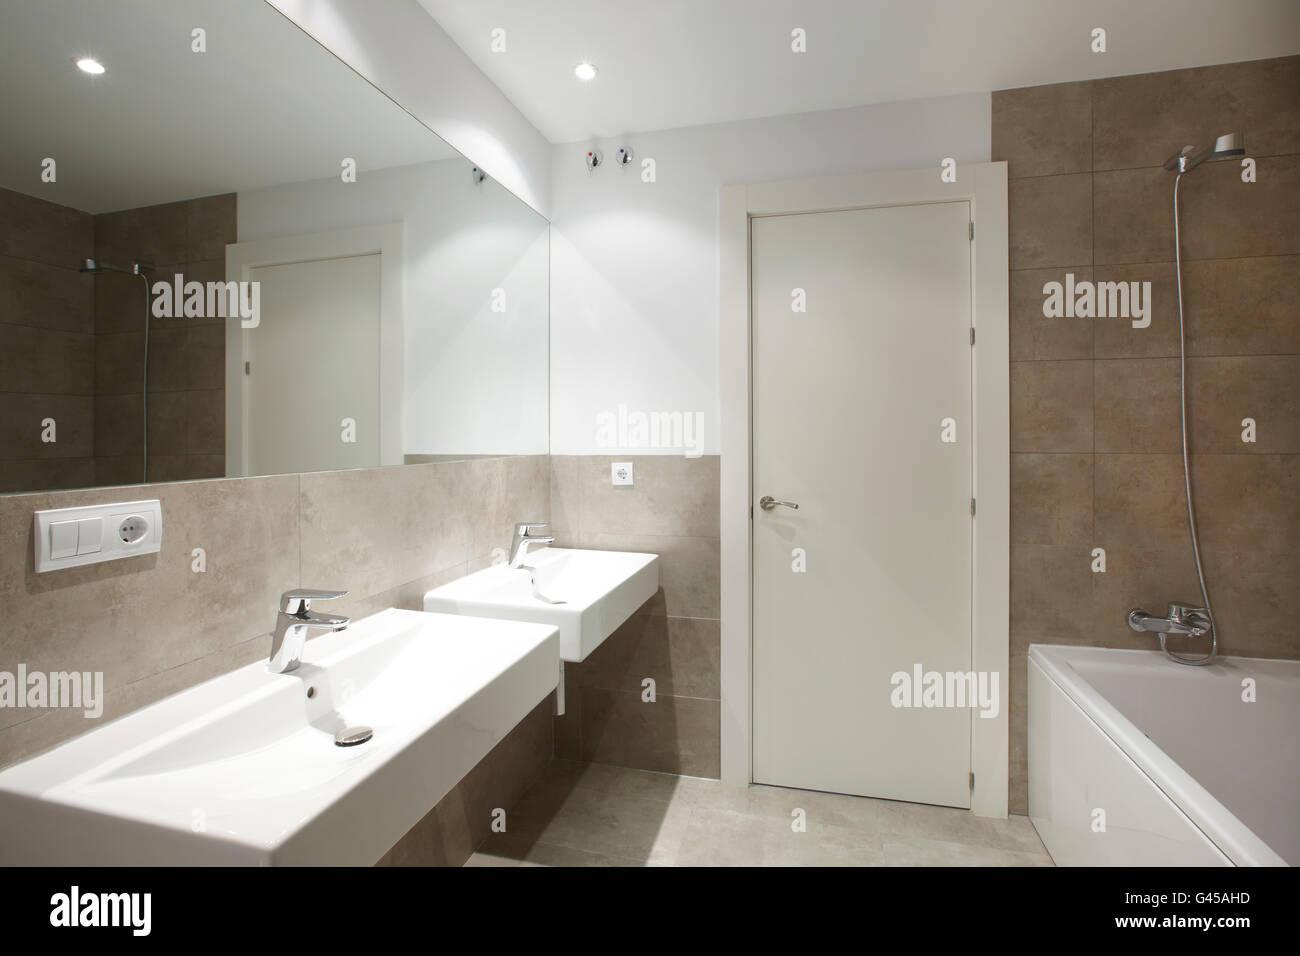 Badezimmer Einrichtung Mit Braunem Marmor Wande Querformat